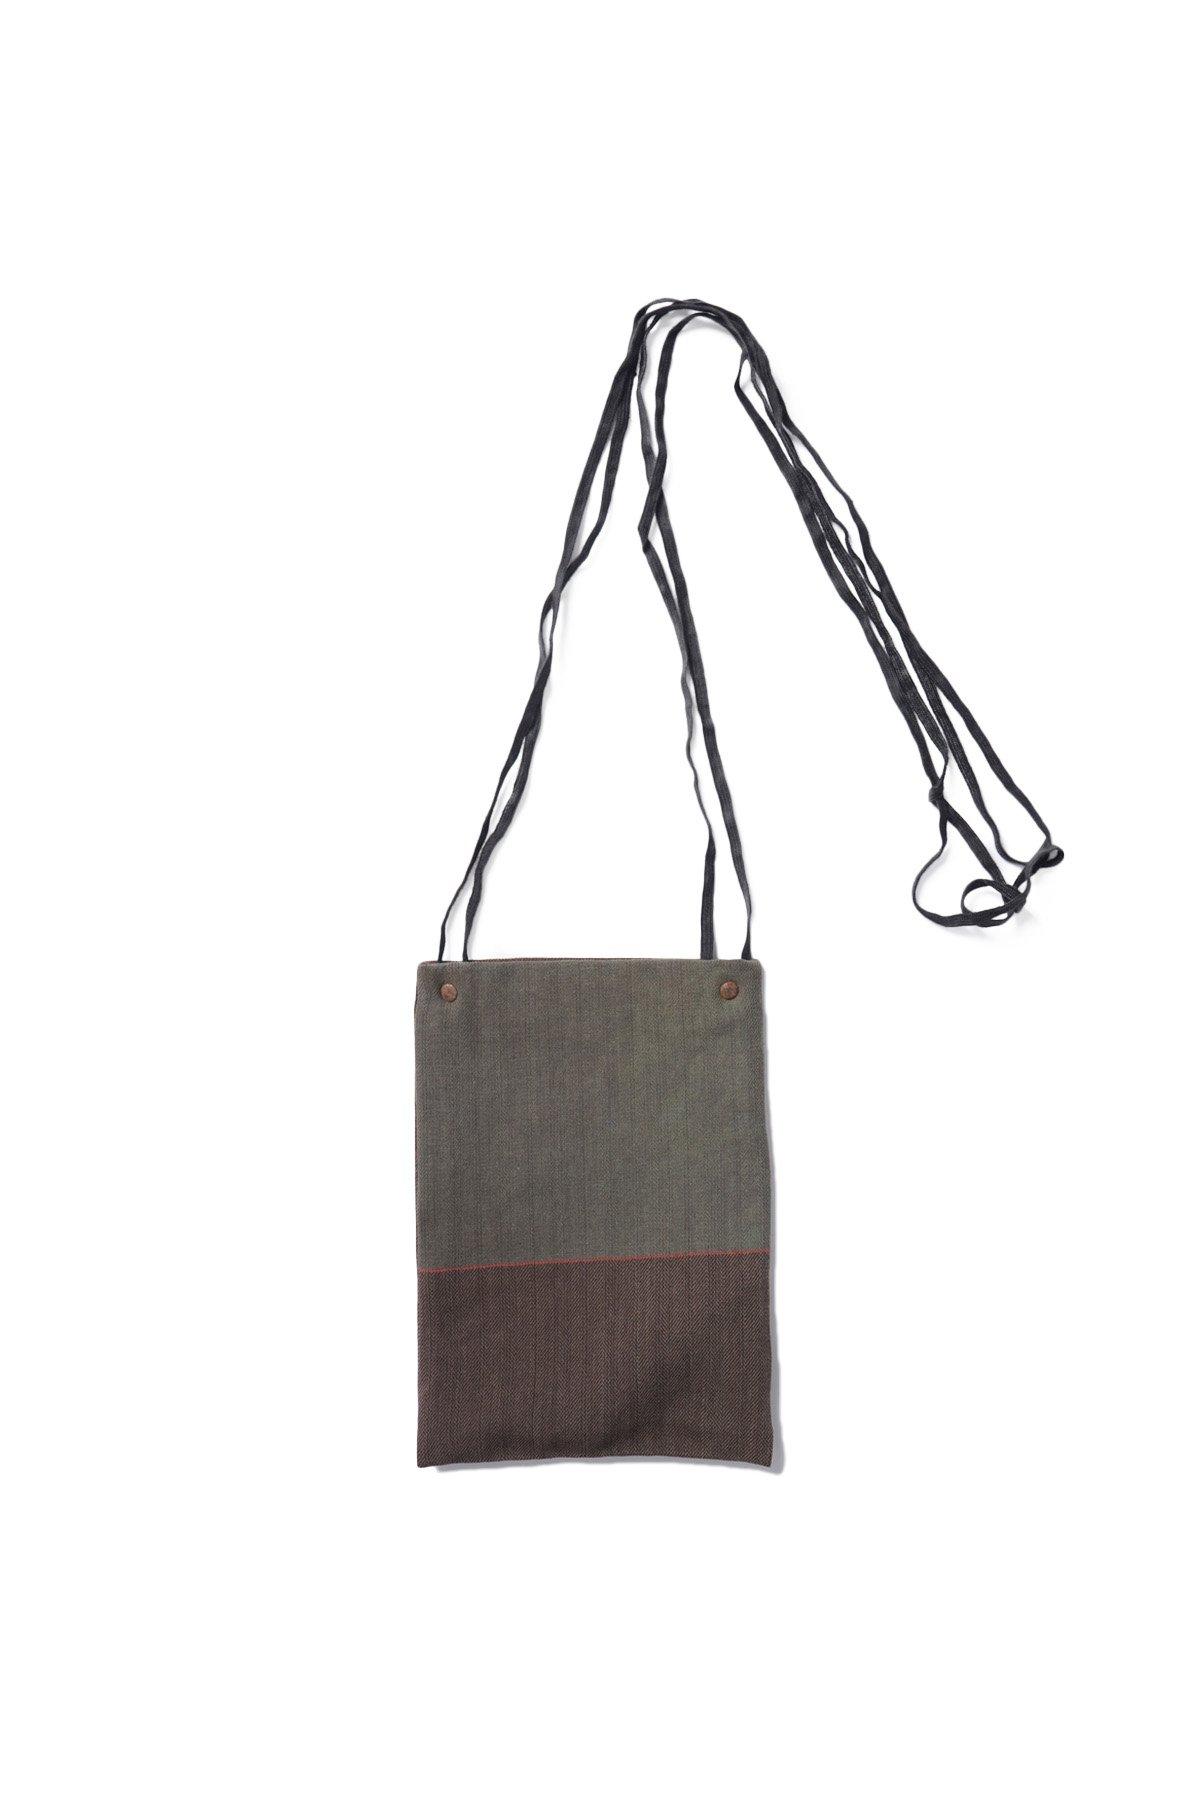 POUCH BAG A